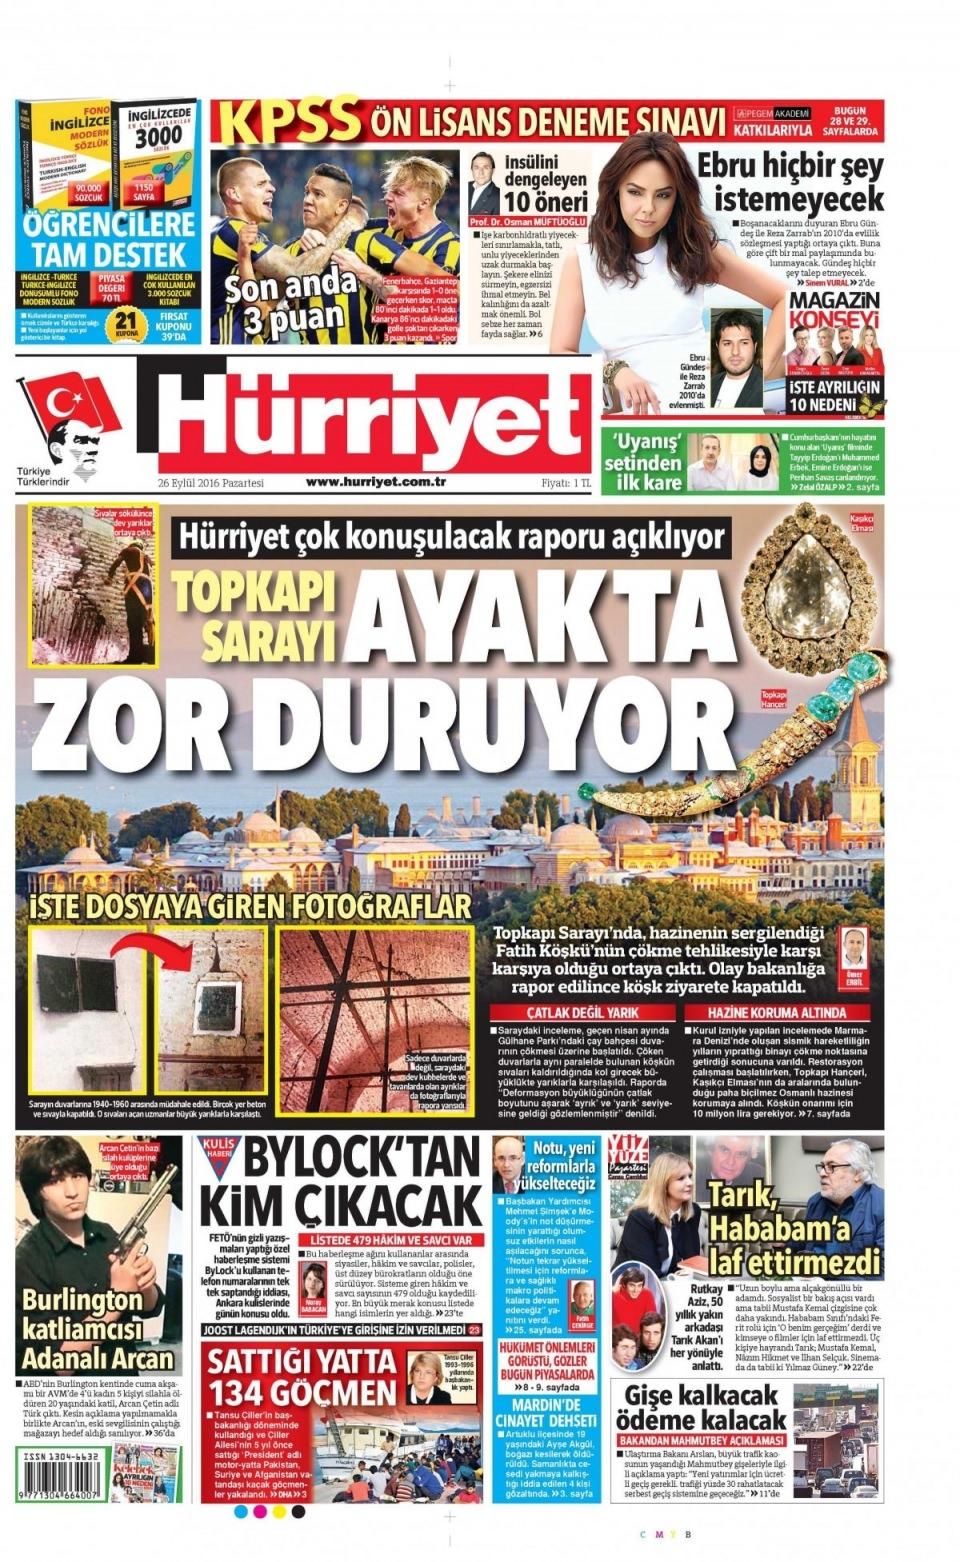 26 Eylül Pazartesi gazete manşetleri 7